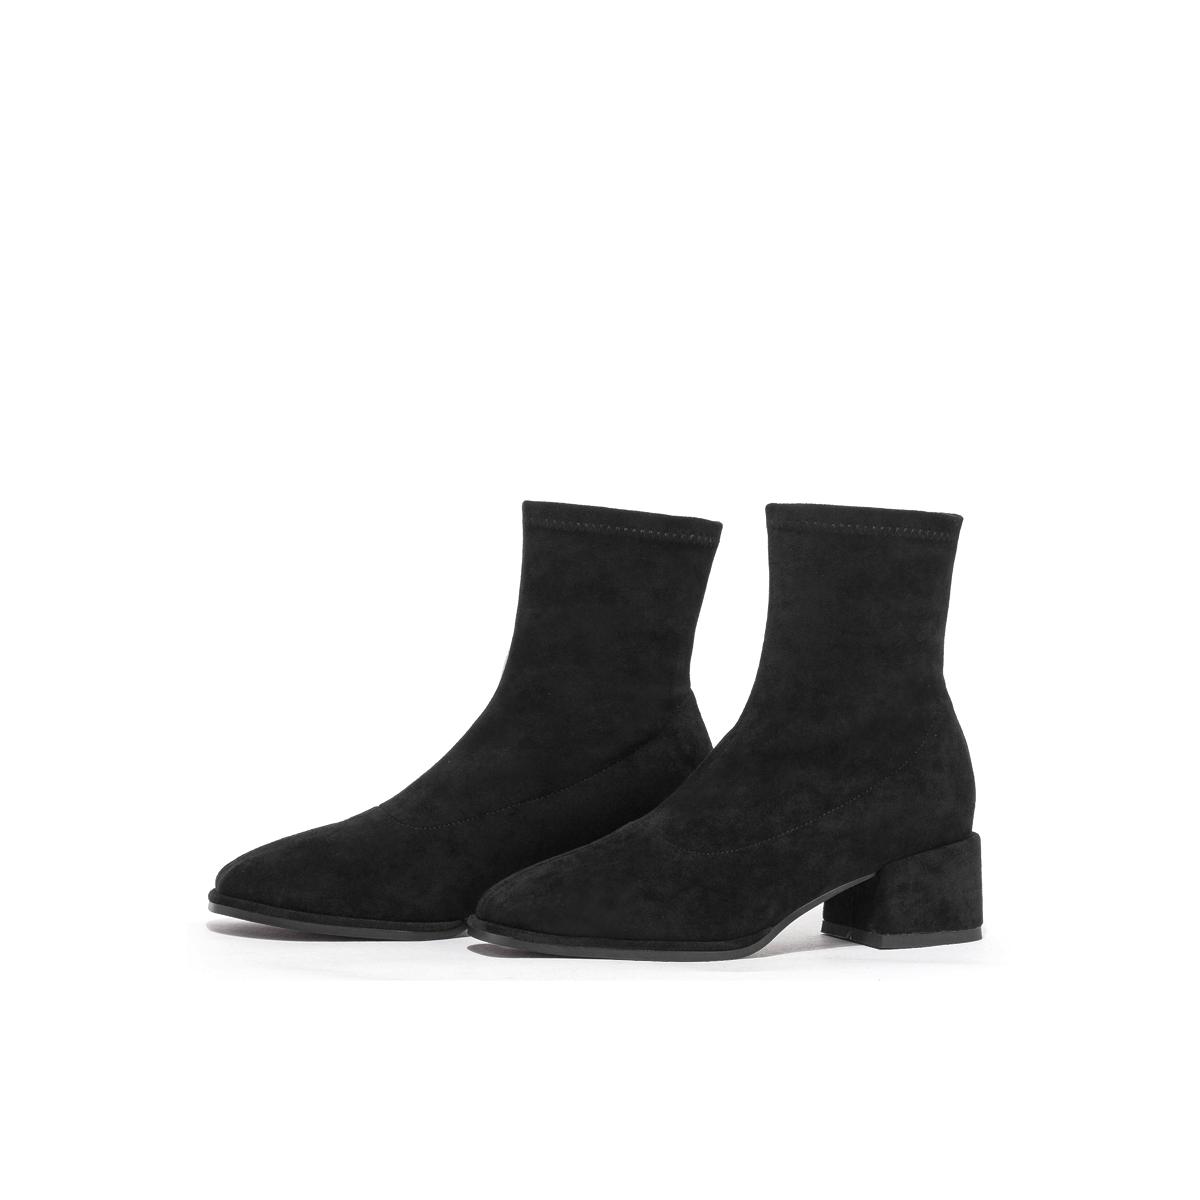 SS03116335 星期六时装靴秋冬新款方头套筒瘦瘦靴暗黑系列女短靴